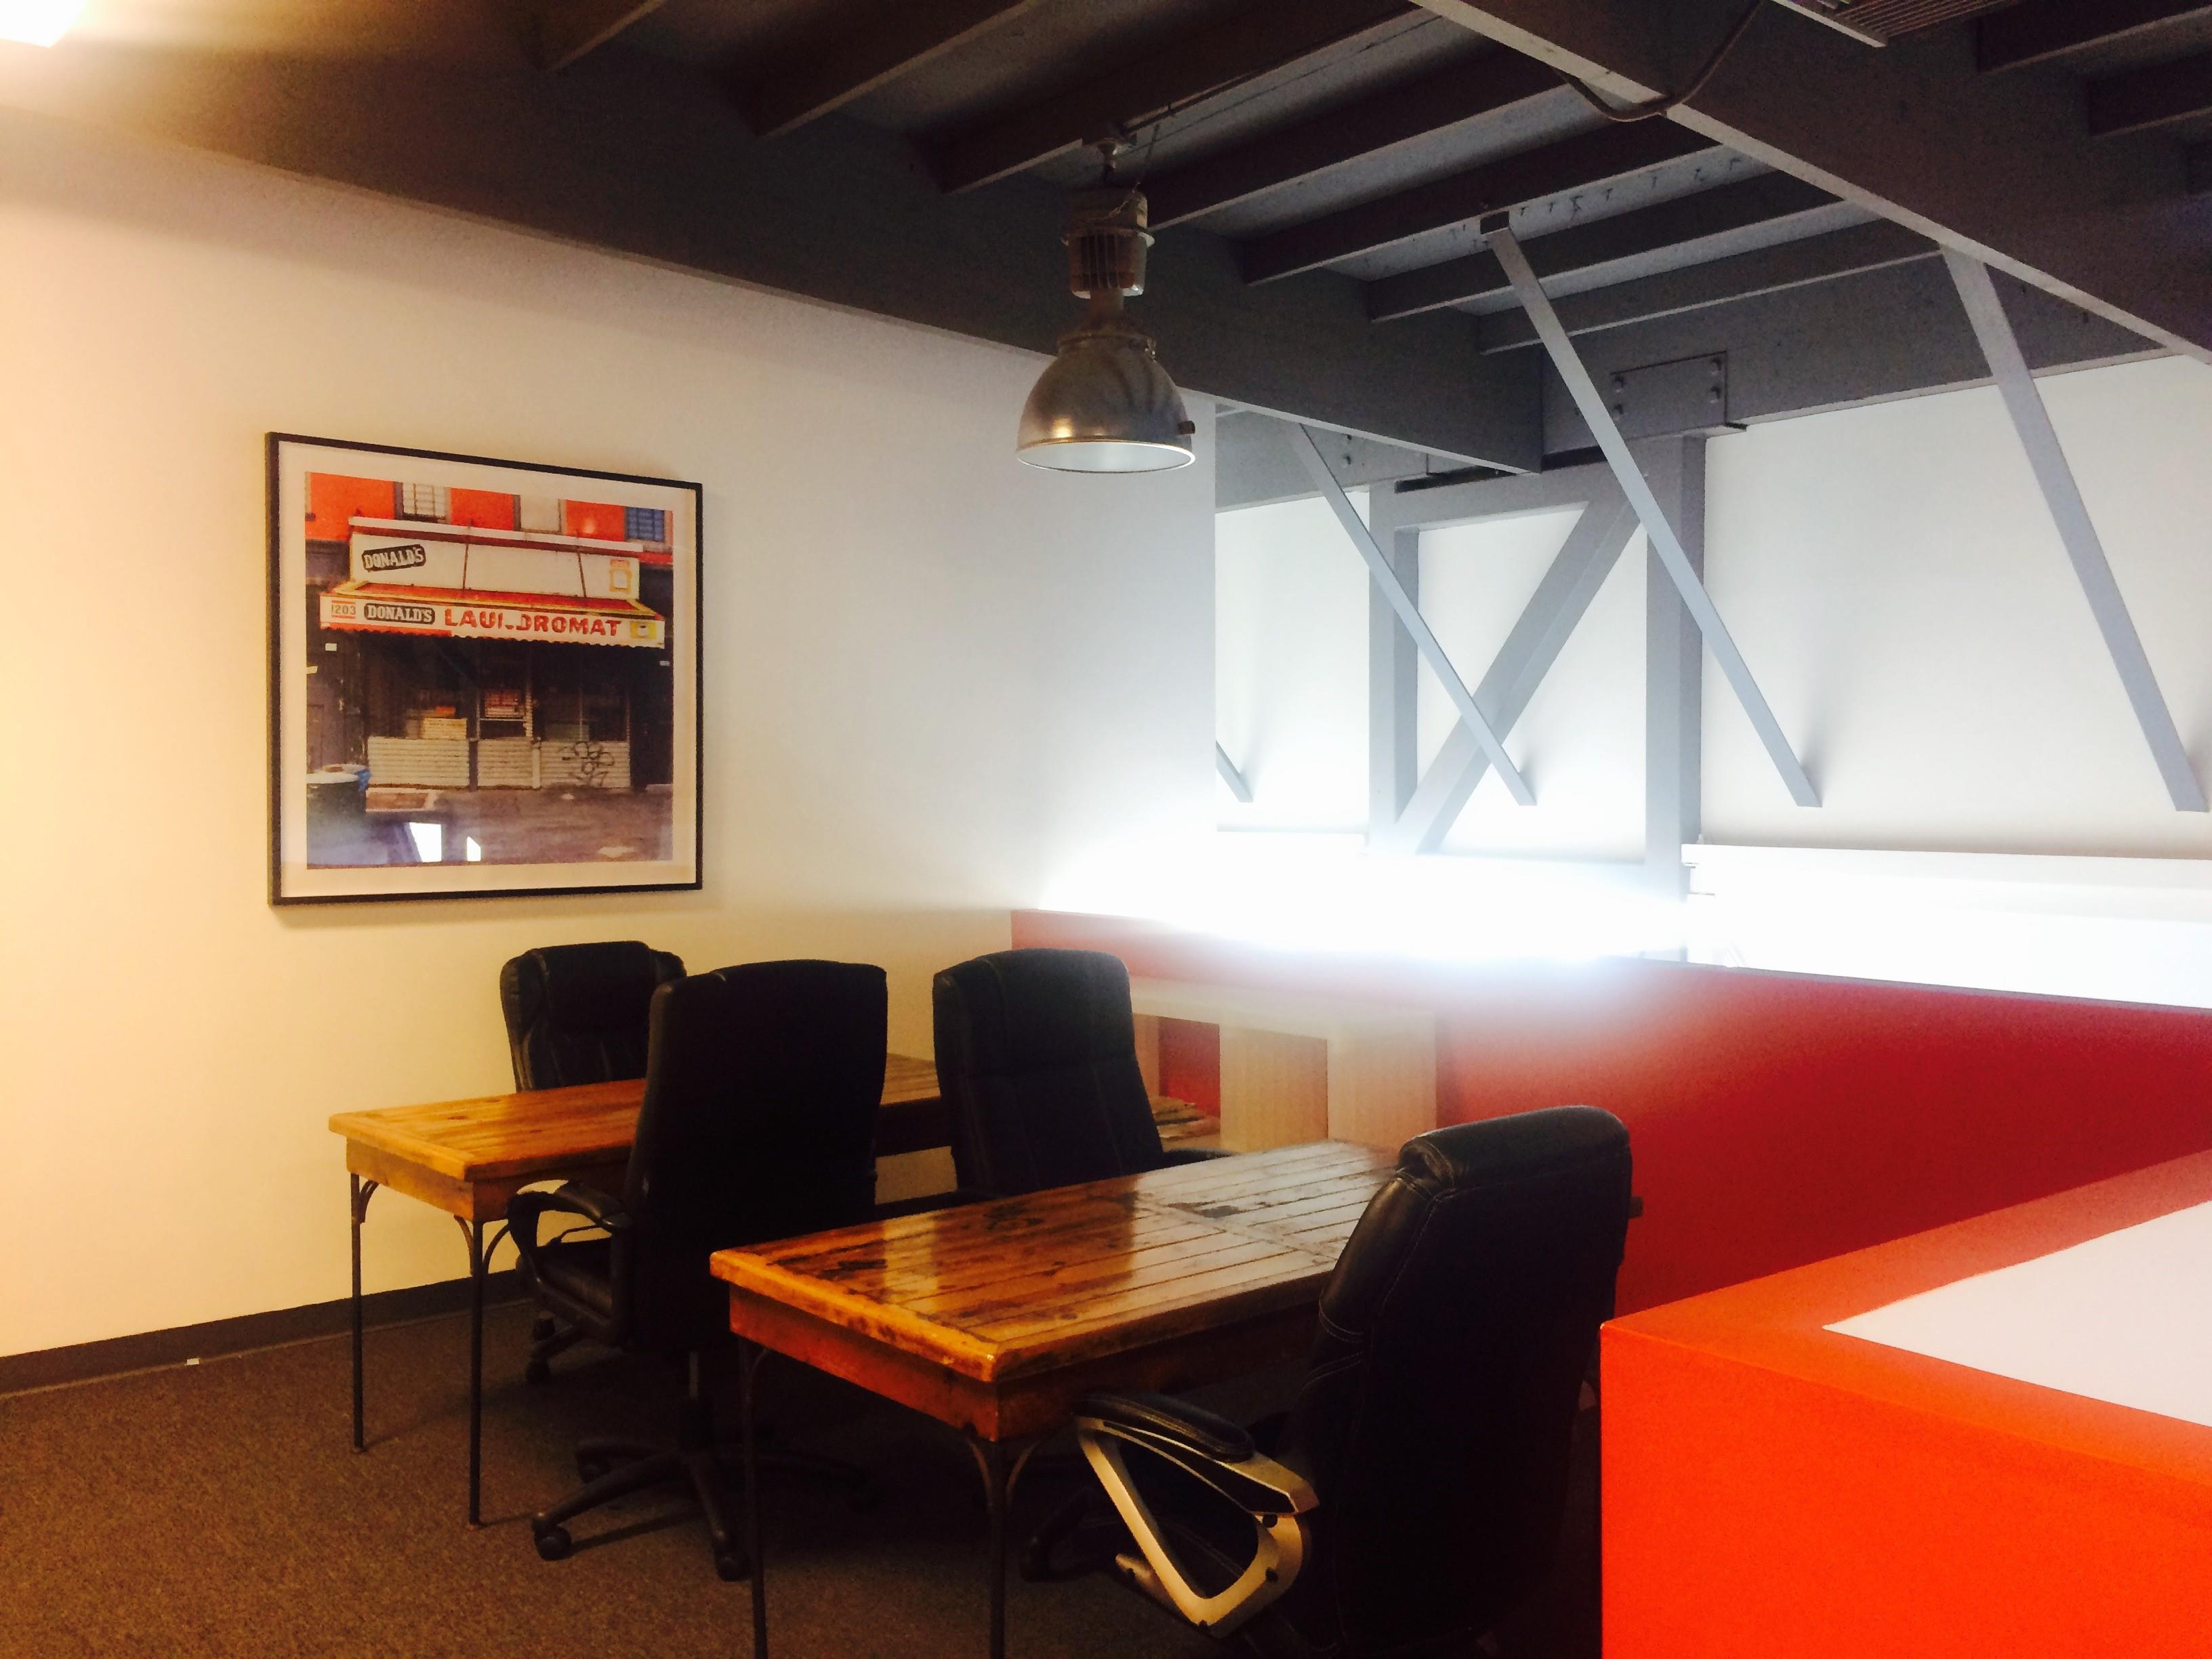 Fox Offices - Open floor area with dedicated desks